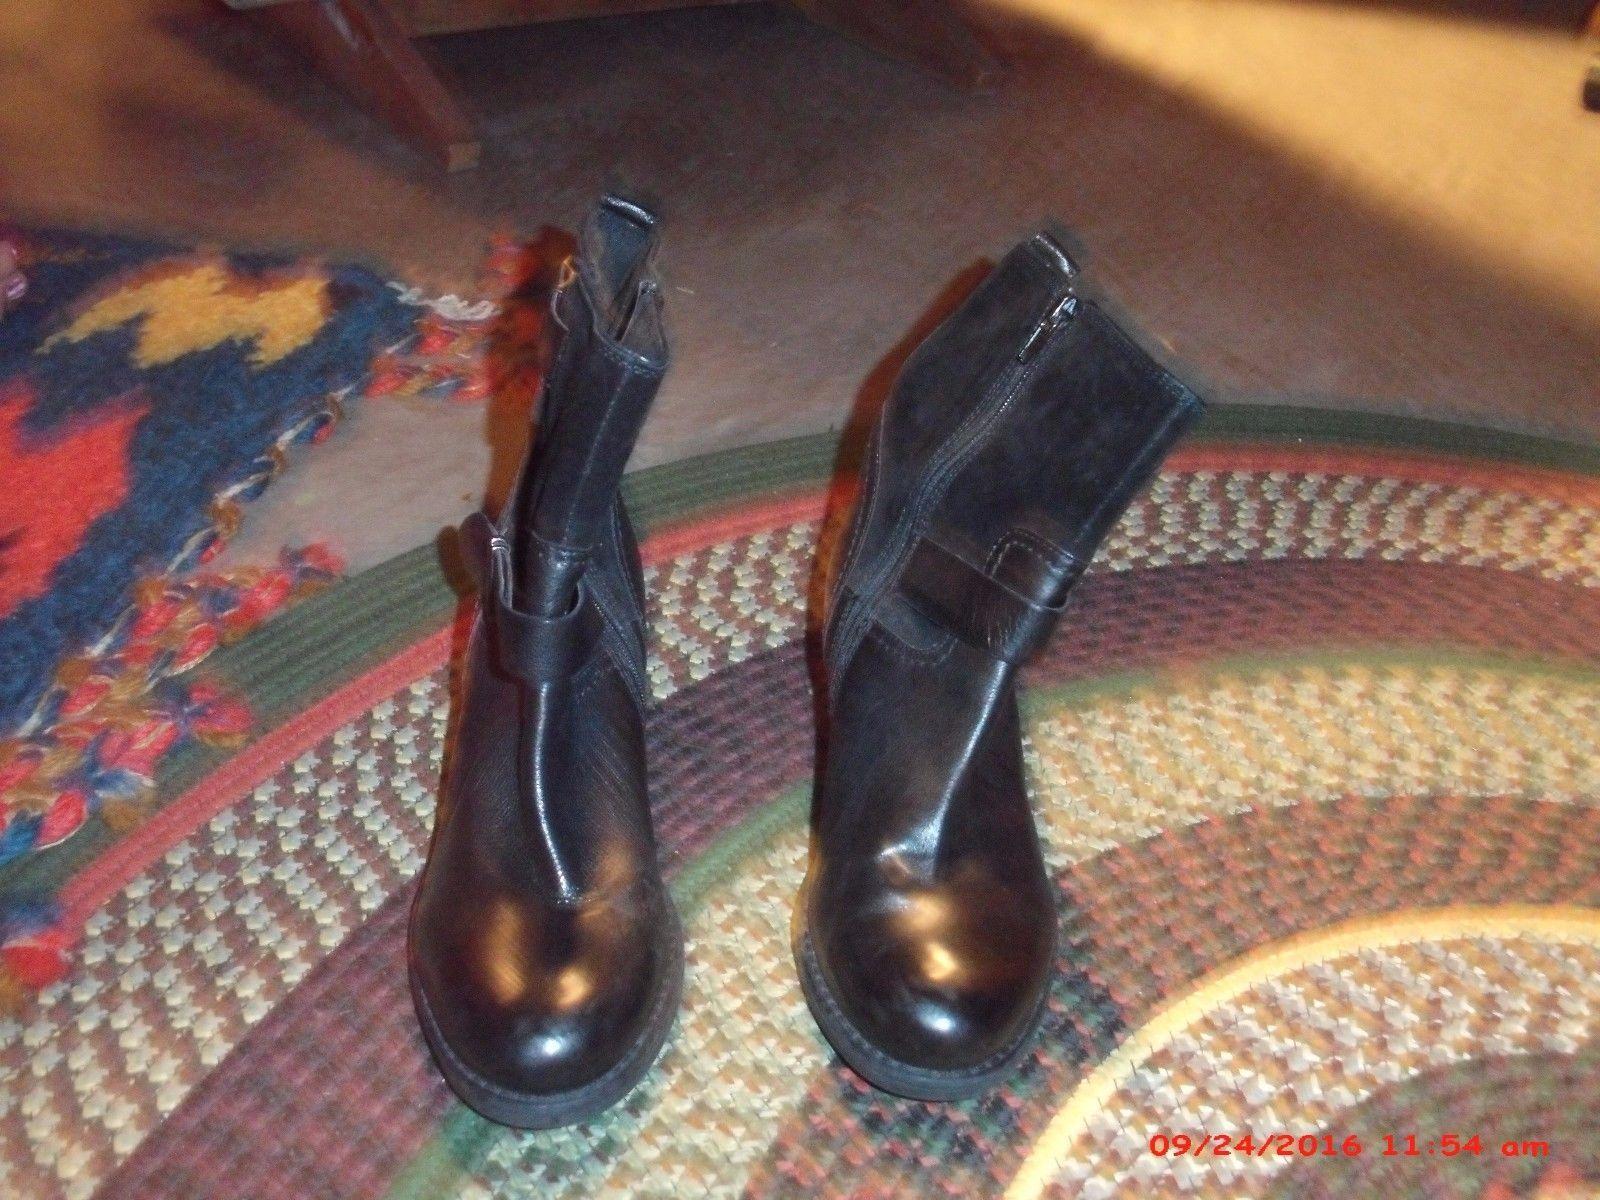 92193ea1d955 clarks romania. clarks romania. 54.99. sandale clarks · sandale clarks.  50.99. mens leather sandals black